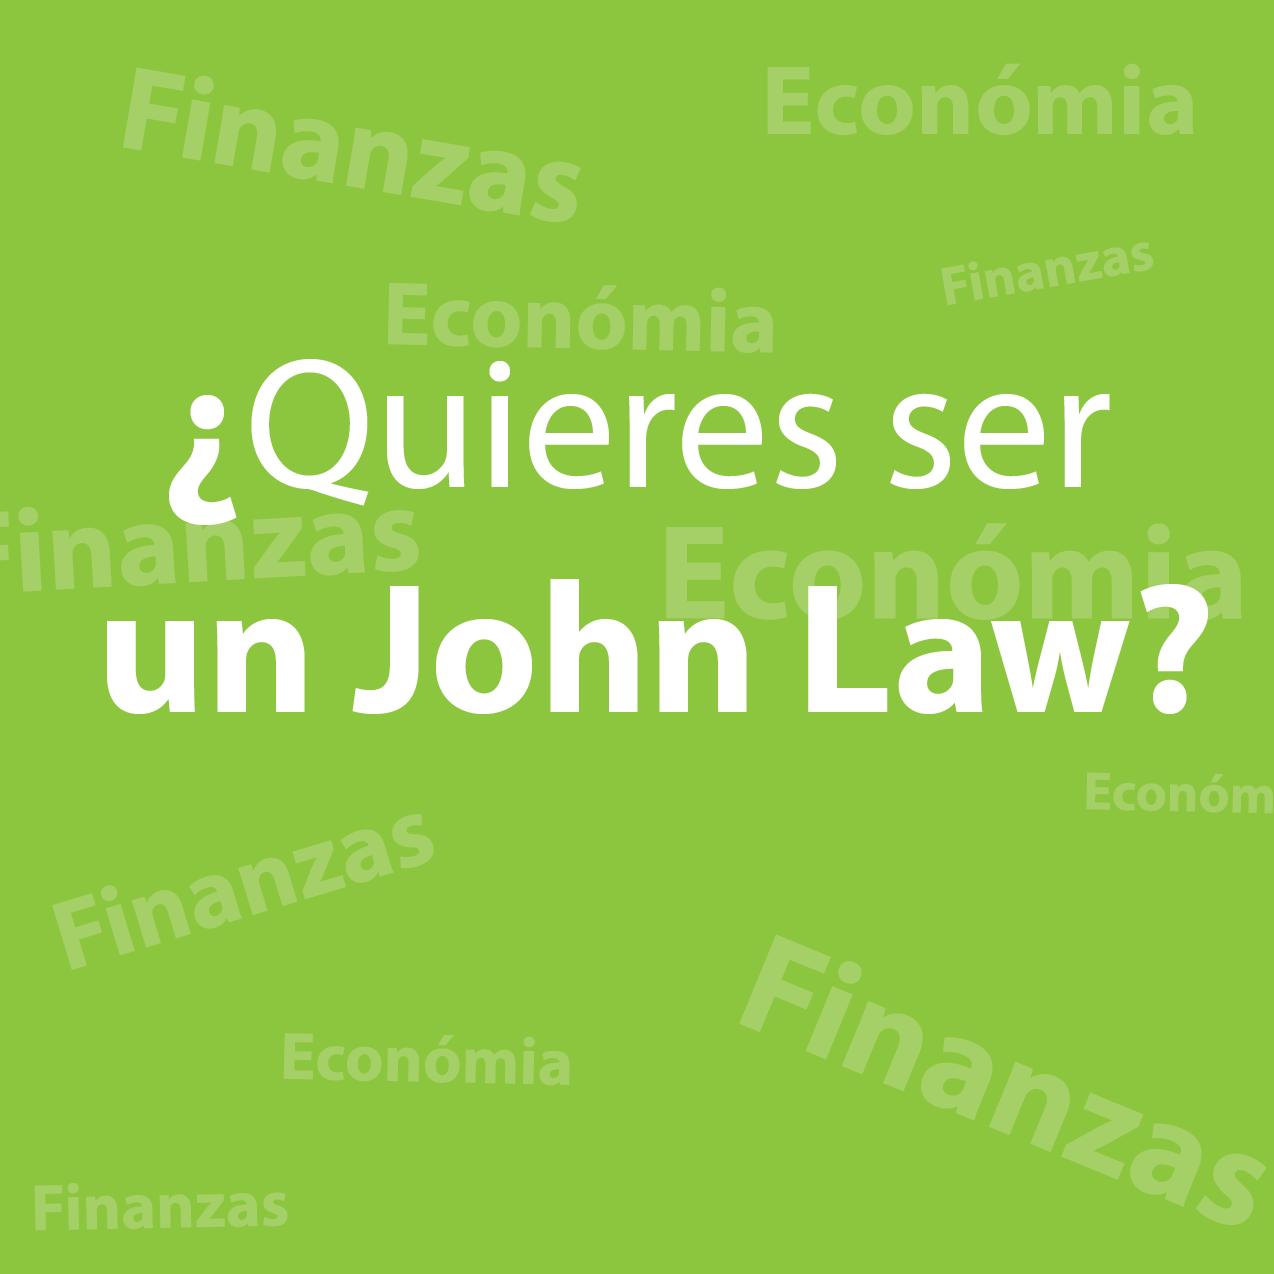 ¿Estudiar Economía o Finanzas? ¡Conviértete en un John Law!